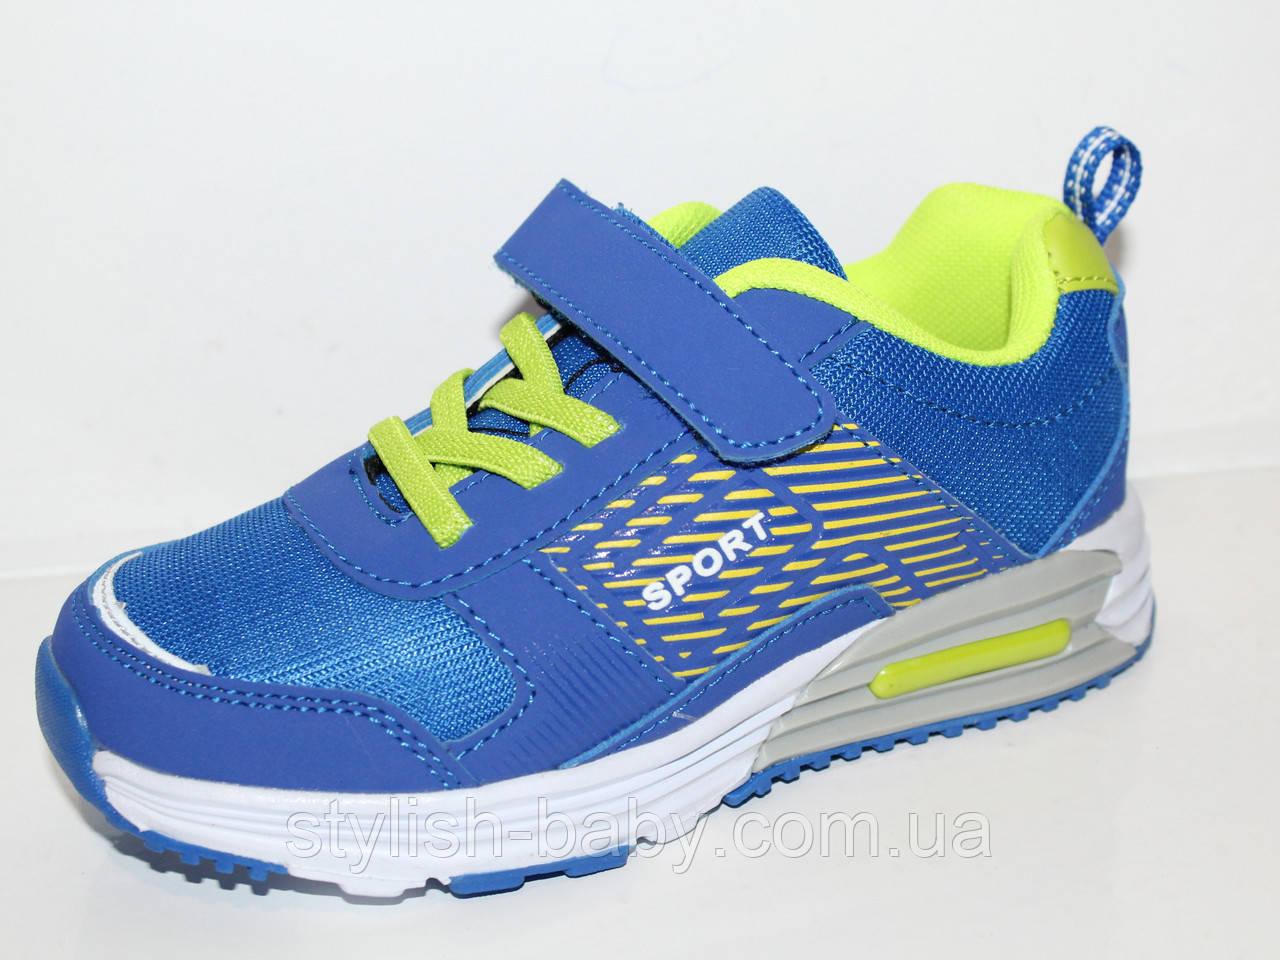 Детские кроссовки оптом. Детская спортивная обувь бренда Tom.m (Bi&Ki) для мальчиков (рр. с 27 по 32)